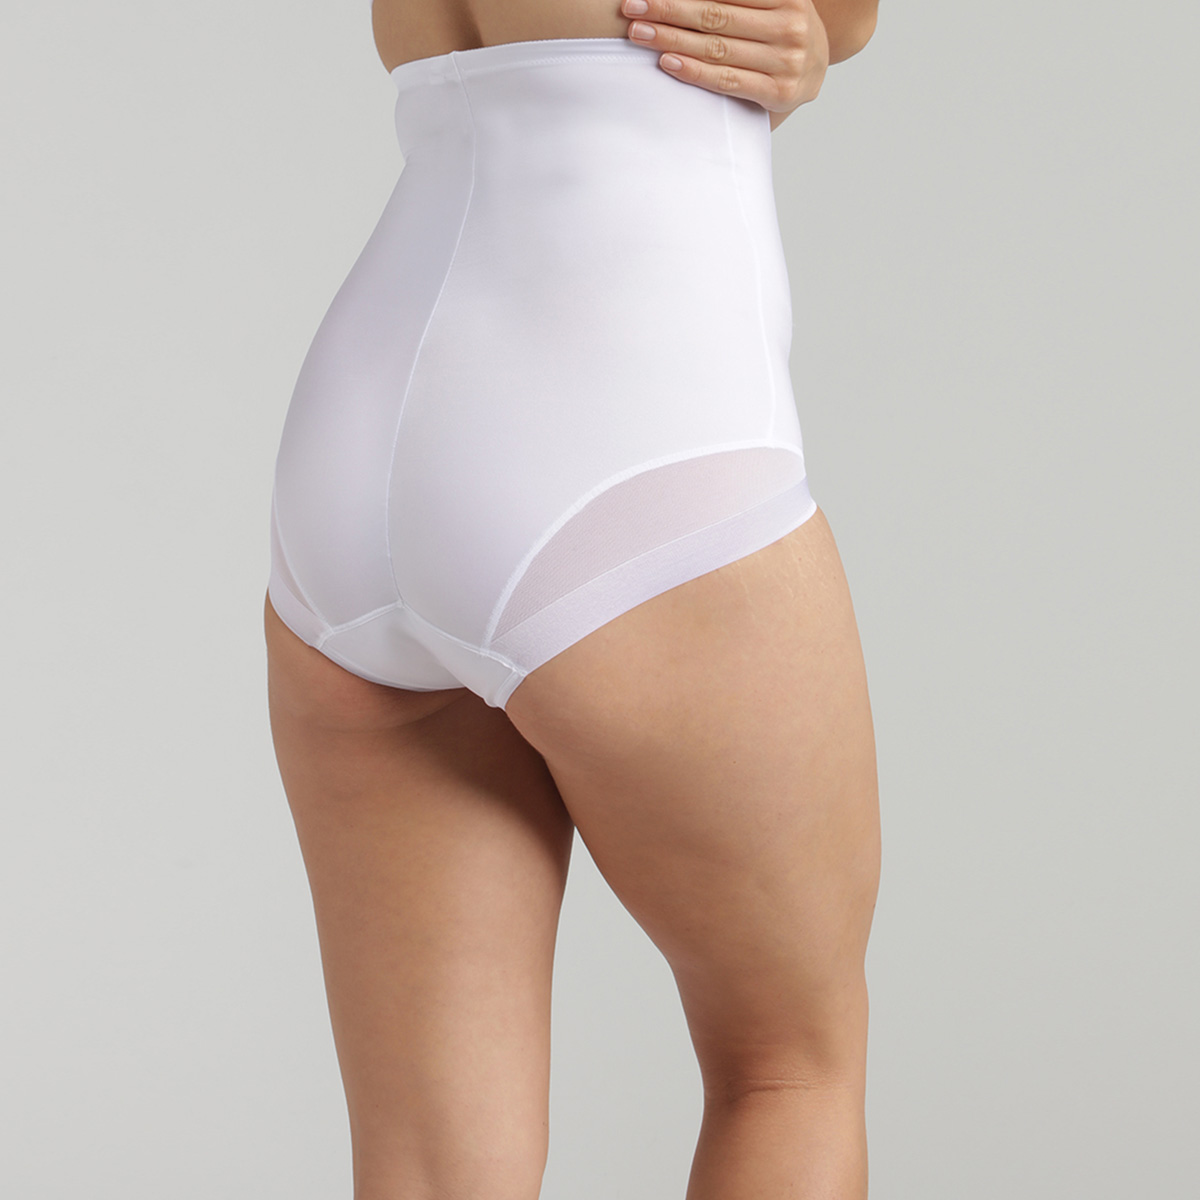 Guaina contenitiva vita alta bianca - Perfect Silhouette, , PLAYTEX